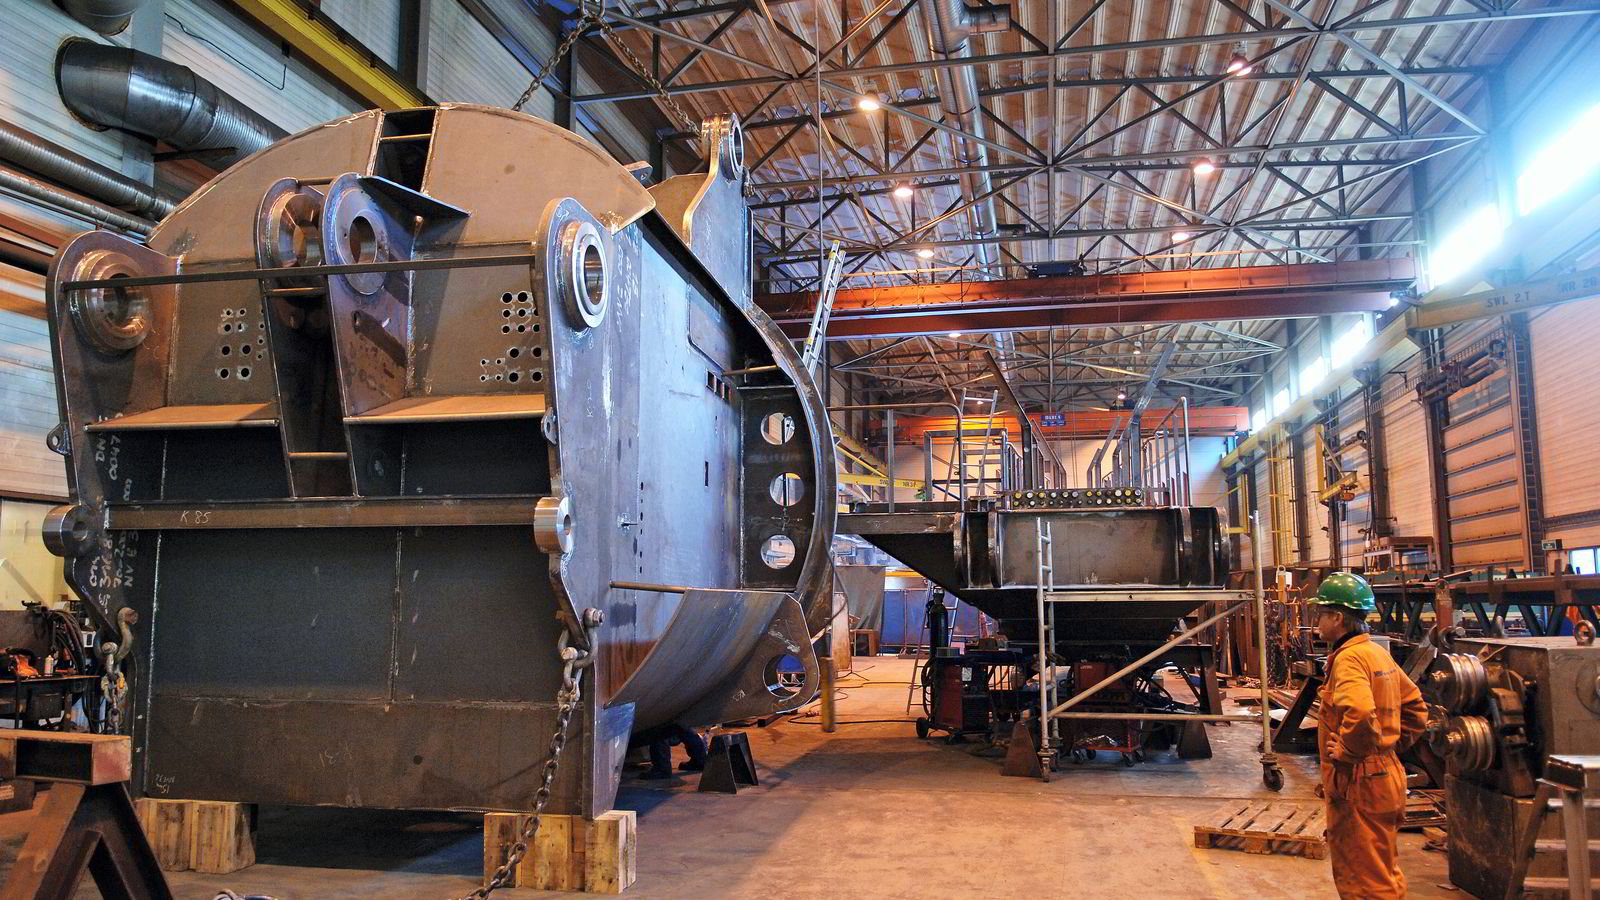 HALVERER. National Oilwells produksjonsanlegg i Søgne og på Hjelset utenfor Molde legges ned. Her fra Søgne, der det bygges og monteres kraner og offshore-borekroner. Foto: